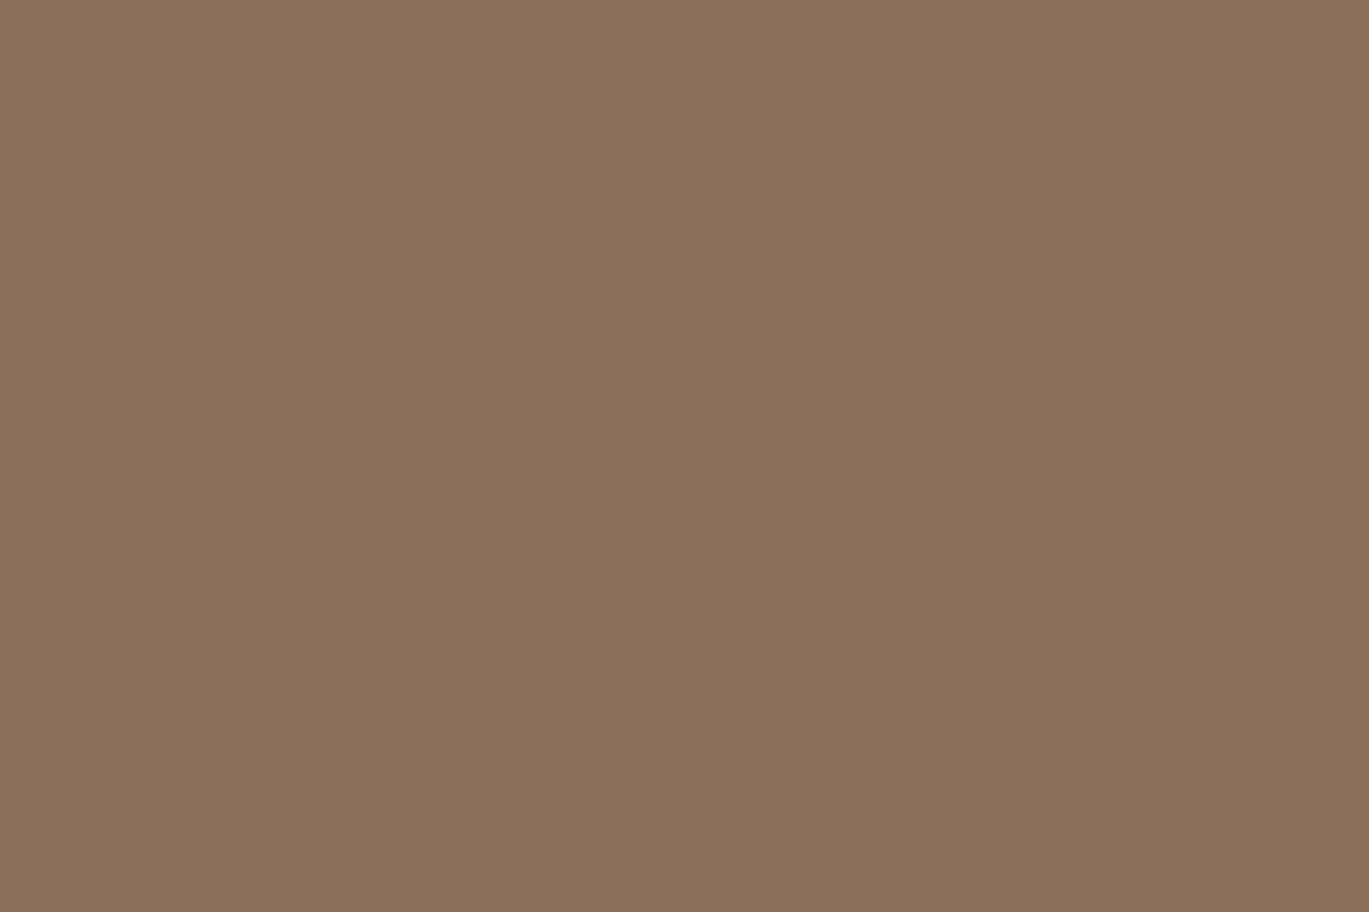 Павел Третьяков. Искусство принадлежит народу. Галерея 6. Галерея в Лаврушинском переулке